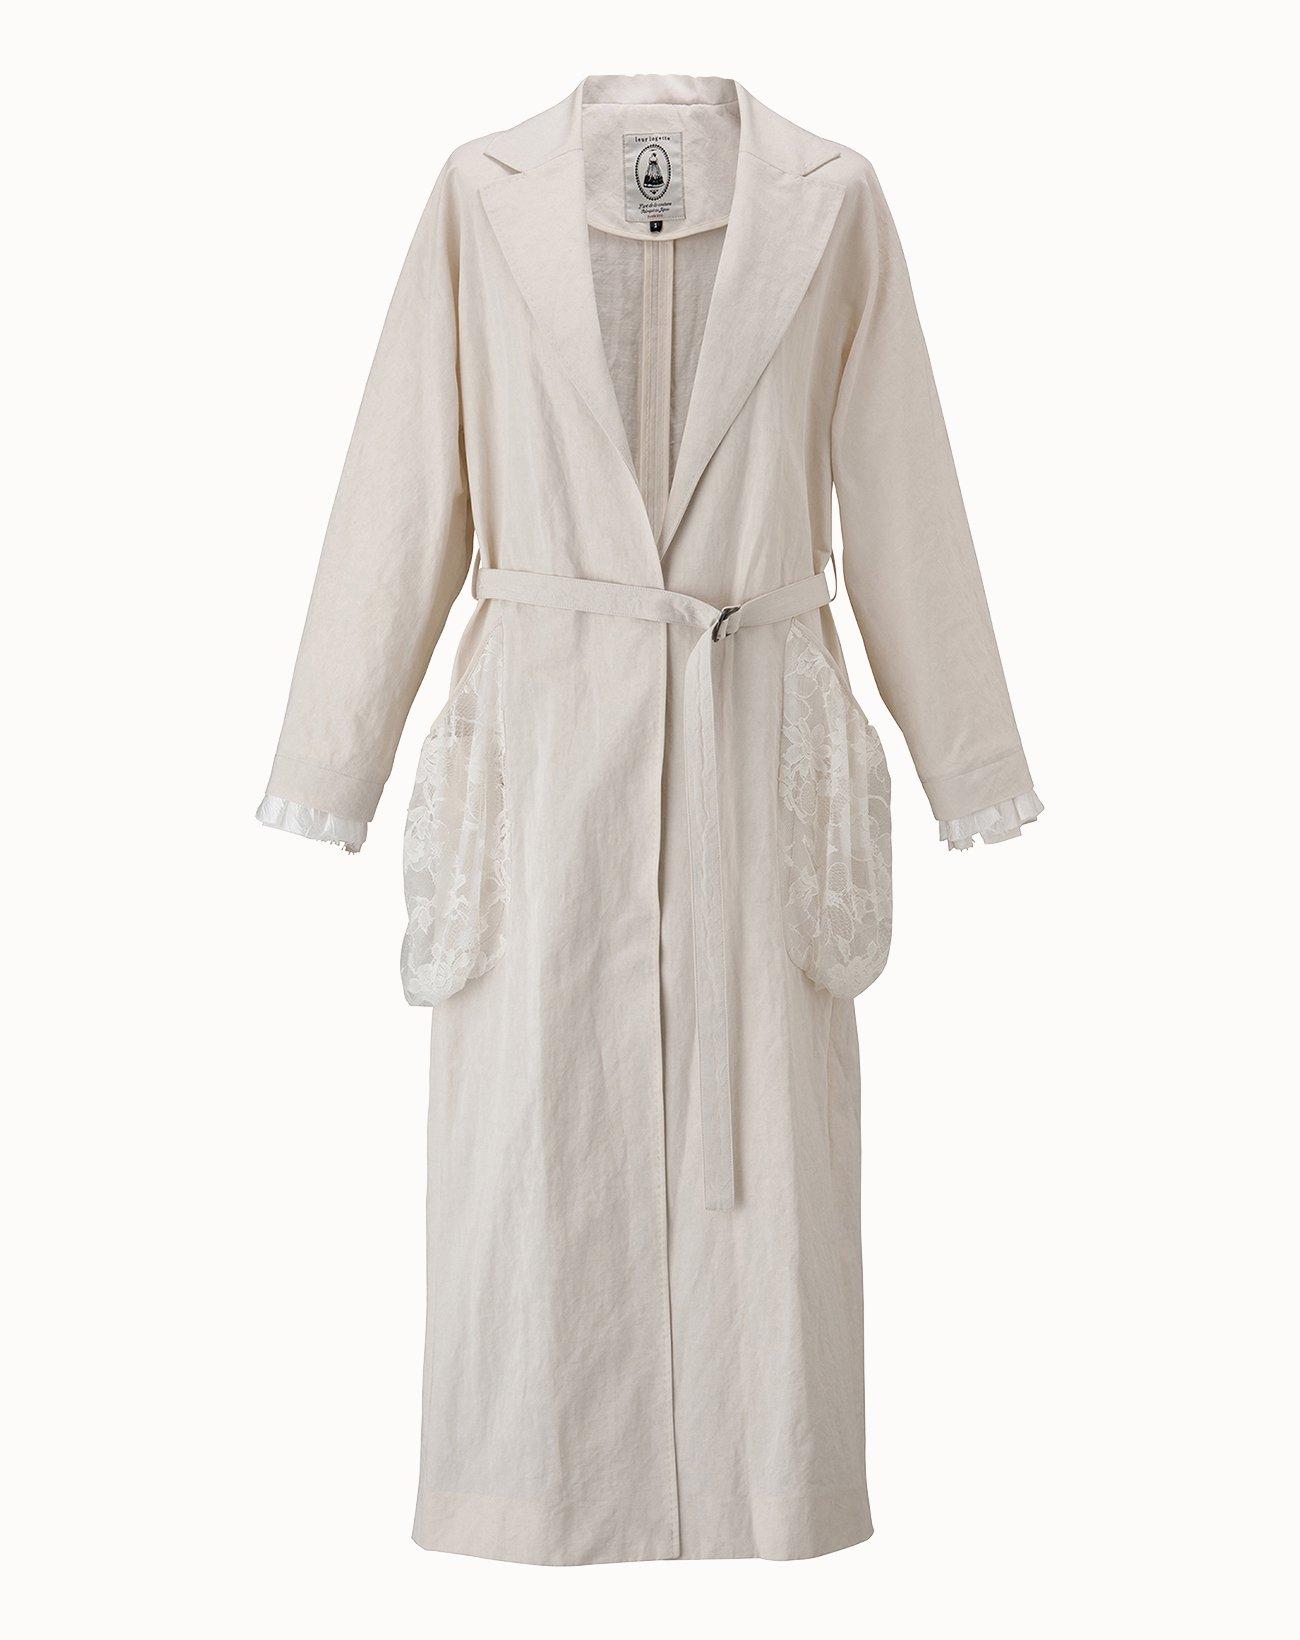 leur logette - Vintage Linen Coat - Off-White